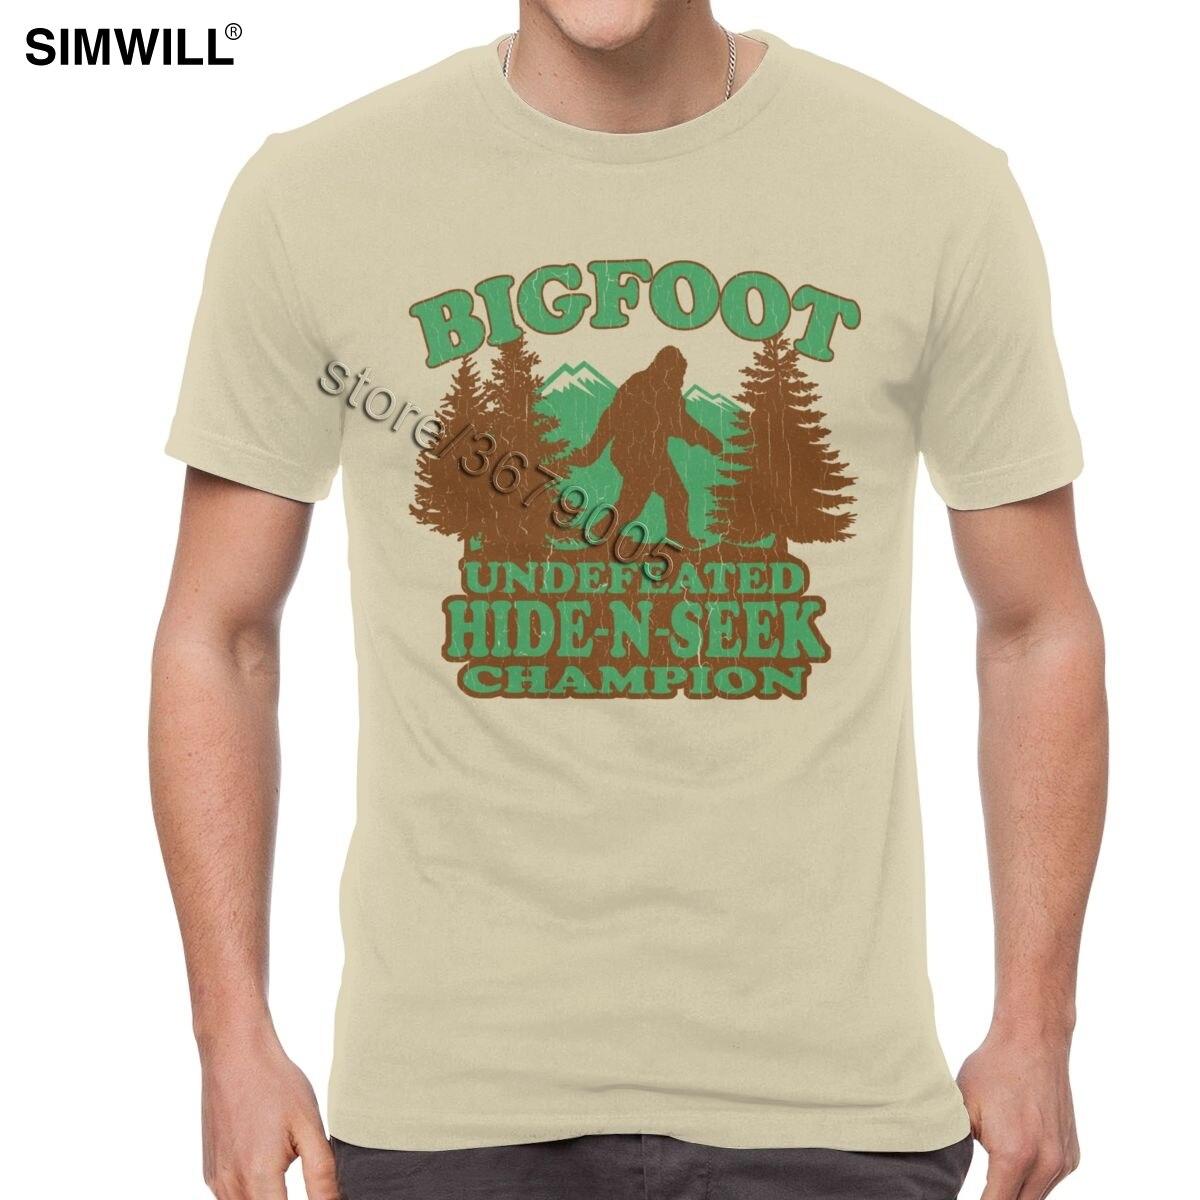 Big Foot Undefeated Hide /& Seek Champion Vintage Men T-Shirt Cotton S-6XL